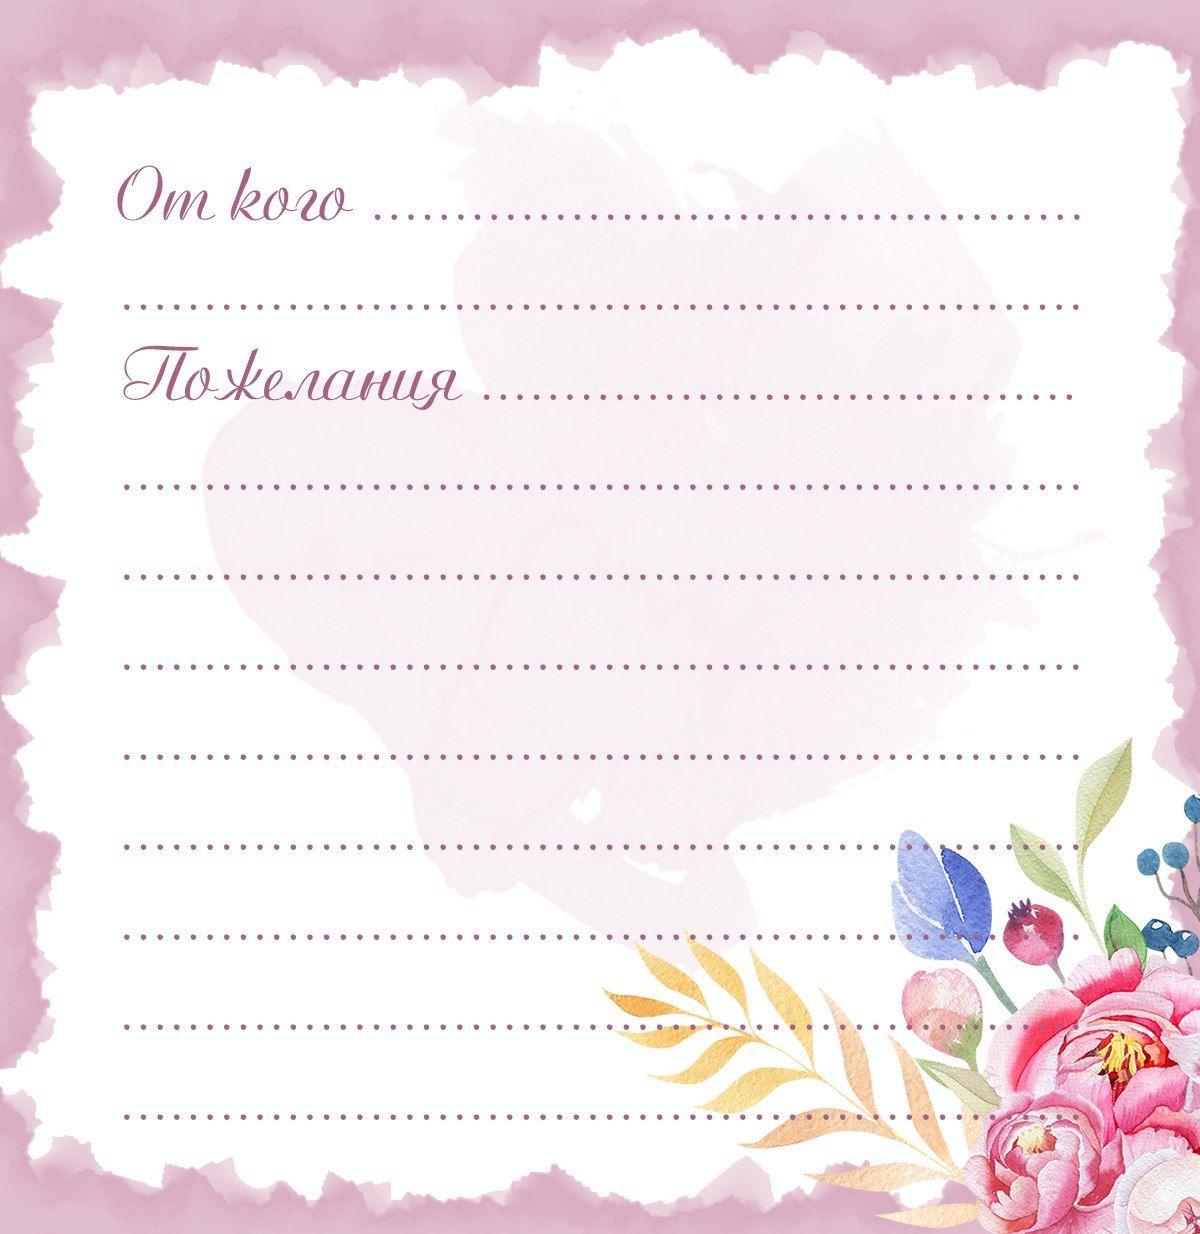 странички для книги пожеланий на свадьбу трудно предположить